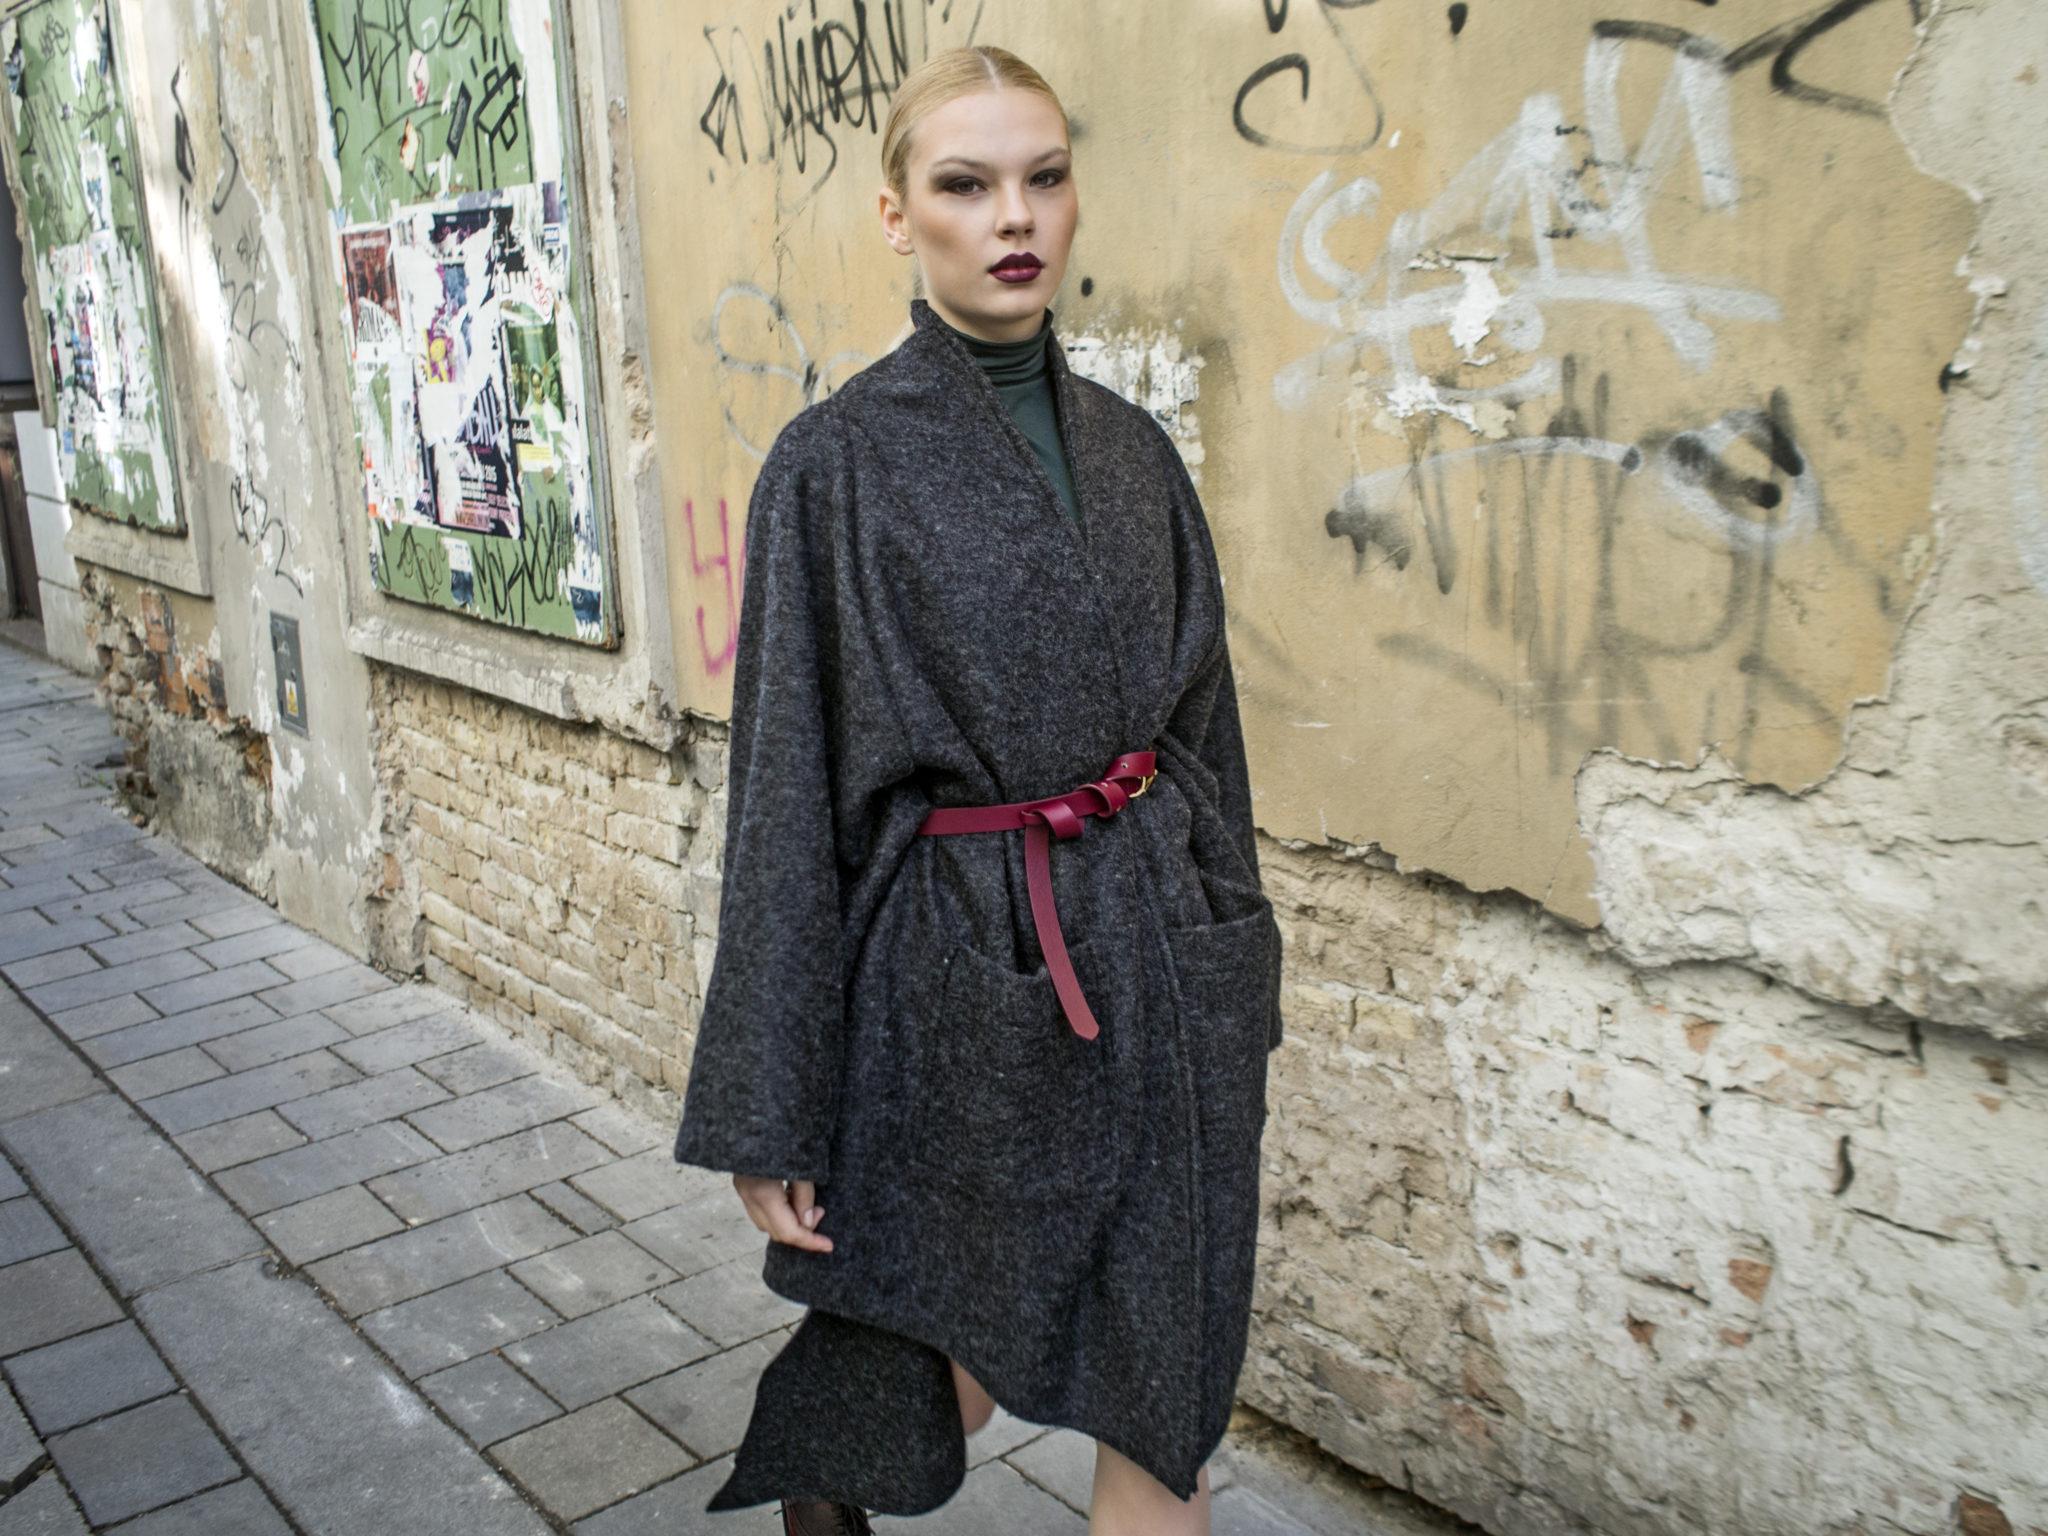 Módna návrhárka Katarína Halasová na jesenných BMD 2015 - V mojich kolekciách neónové farby určite neuvidíte + ROZHOVOR 1